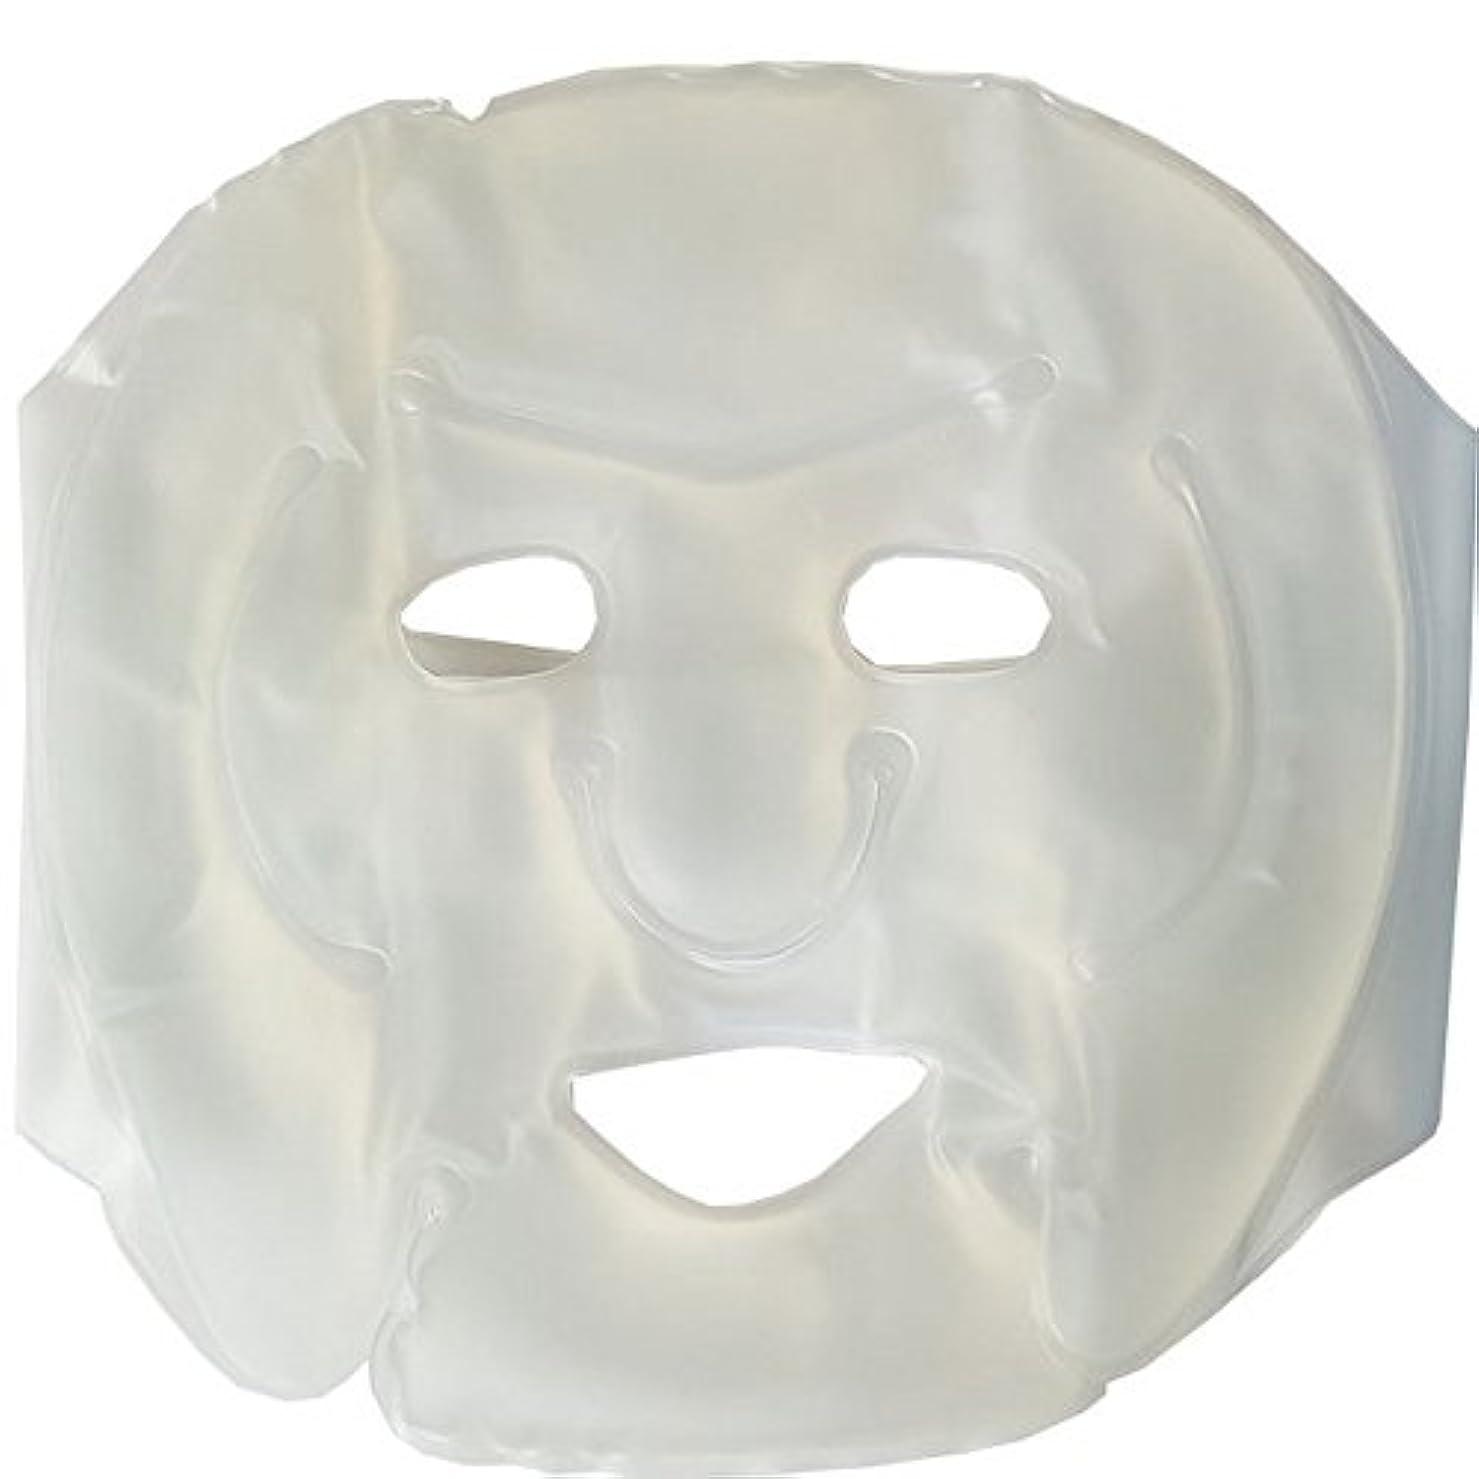 清める居眠りする感心するMDP 顔マッサージジェルマスク アイスジェルパック 冷却パック アイスマスク アイスパック レーザー後の鎮静に グリーン